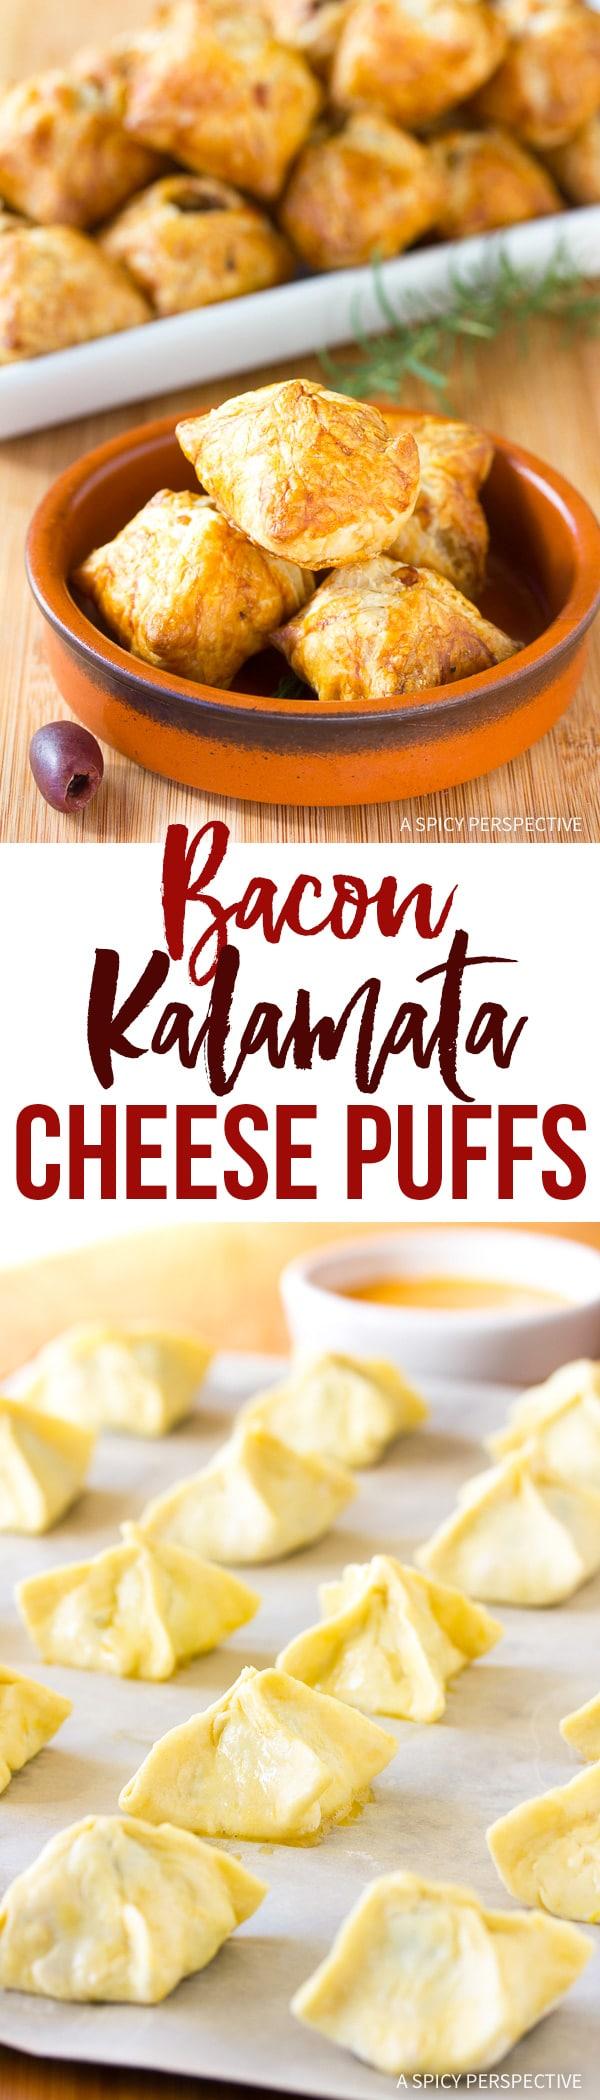 Amazing Bacon Kalamata Cheese Puffs Recipe